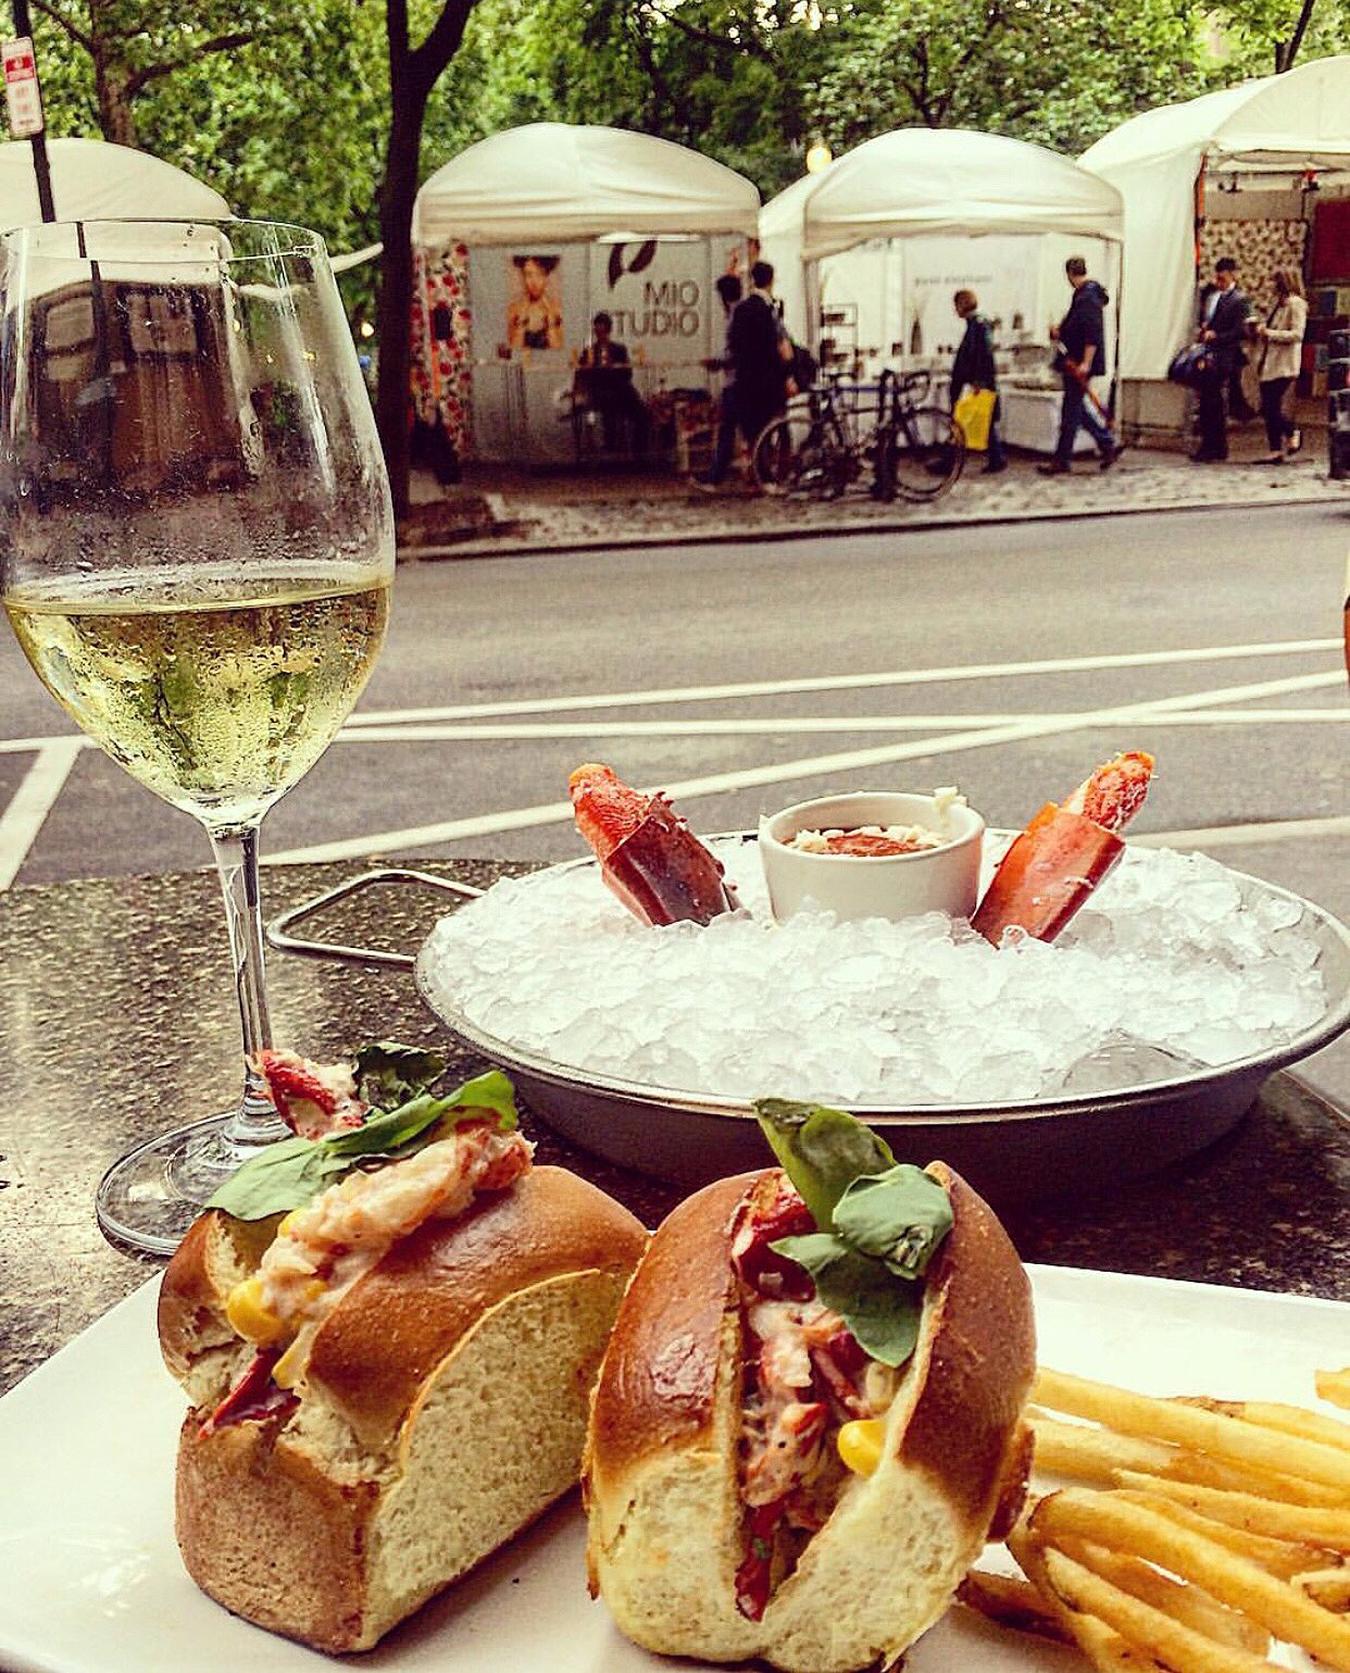 Devon_seafood_Rittenhouse_Square_Happy_Hour